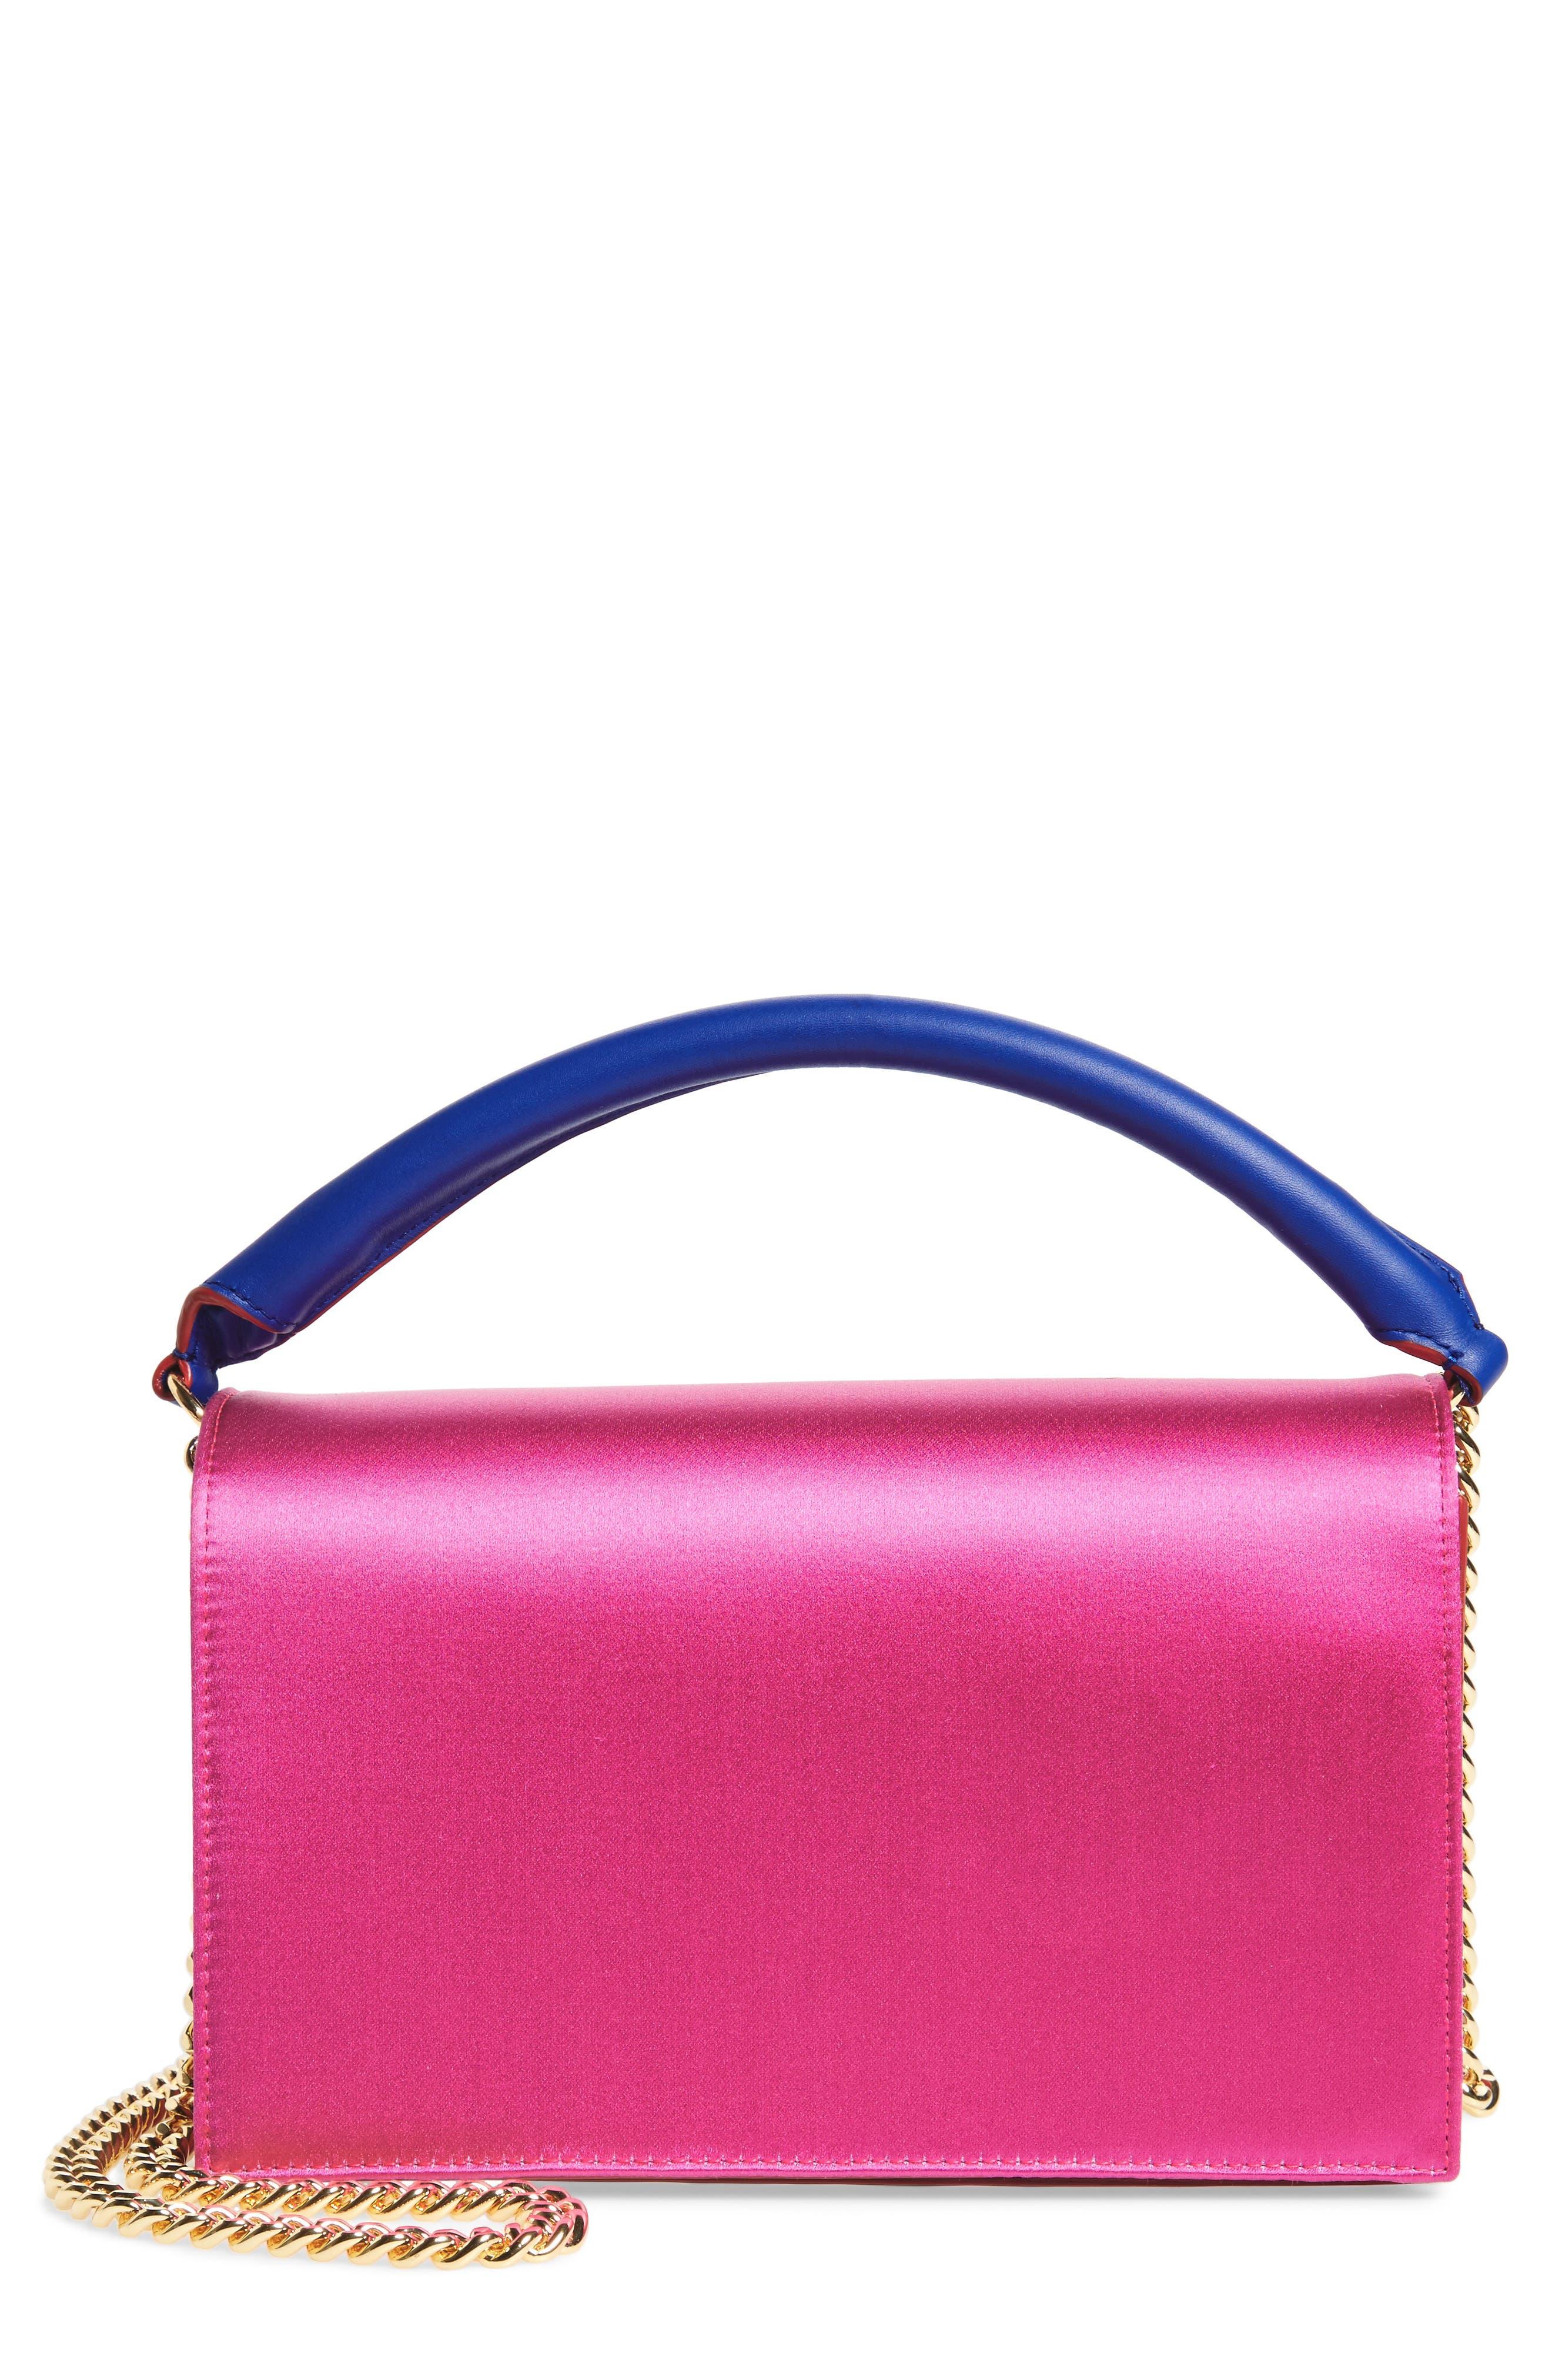 Soirée Satin & Leather Top Handle Bag,                             Main thumbnail 1, color,